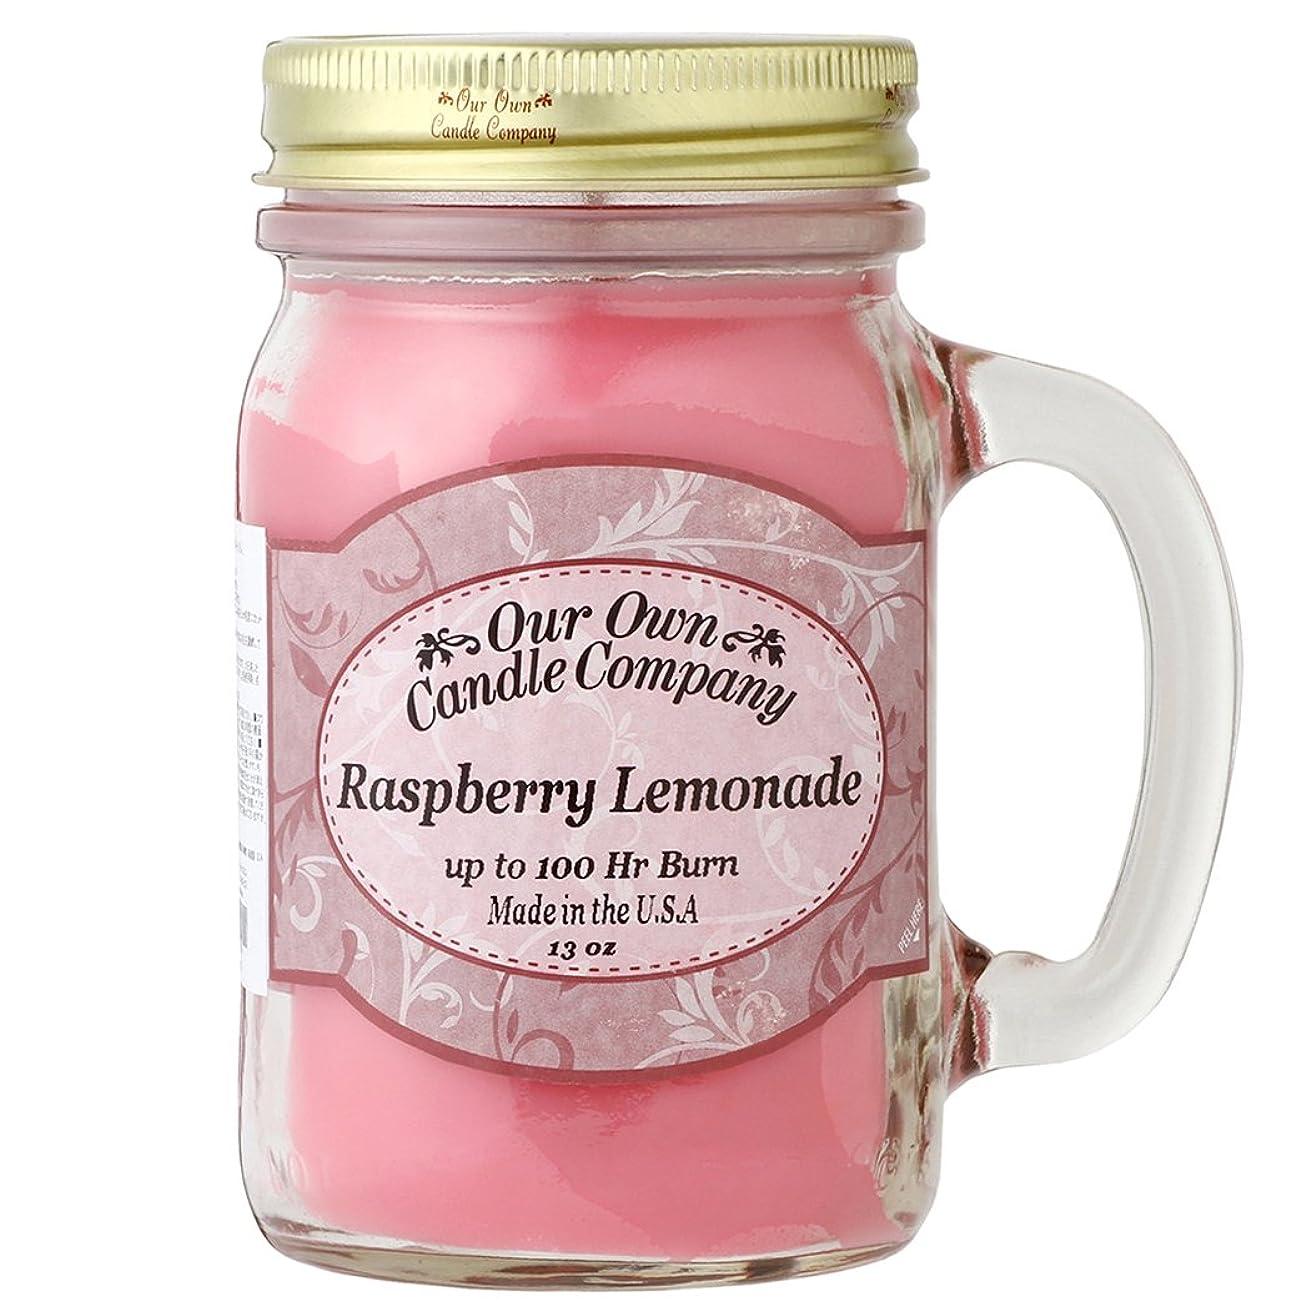 版弱点端末Our Own Candle Company メイソンジャーキャンドル ラージサイズ ラズベリーレモネード OU100096